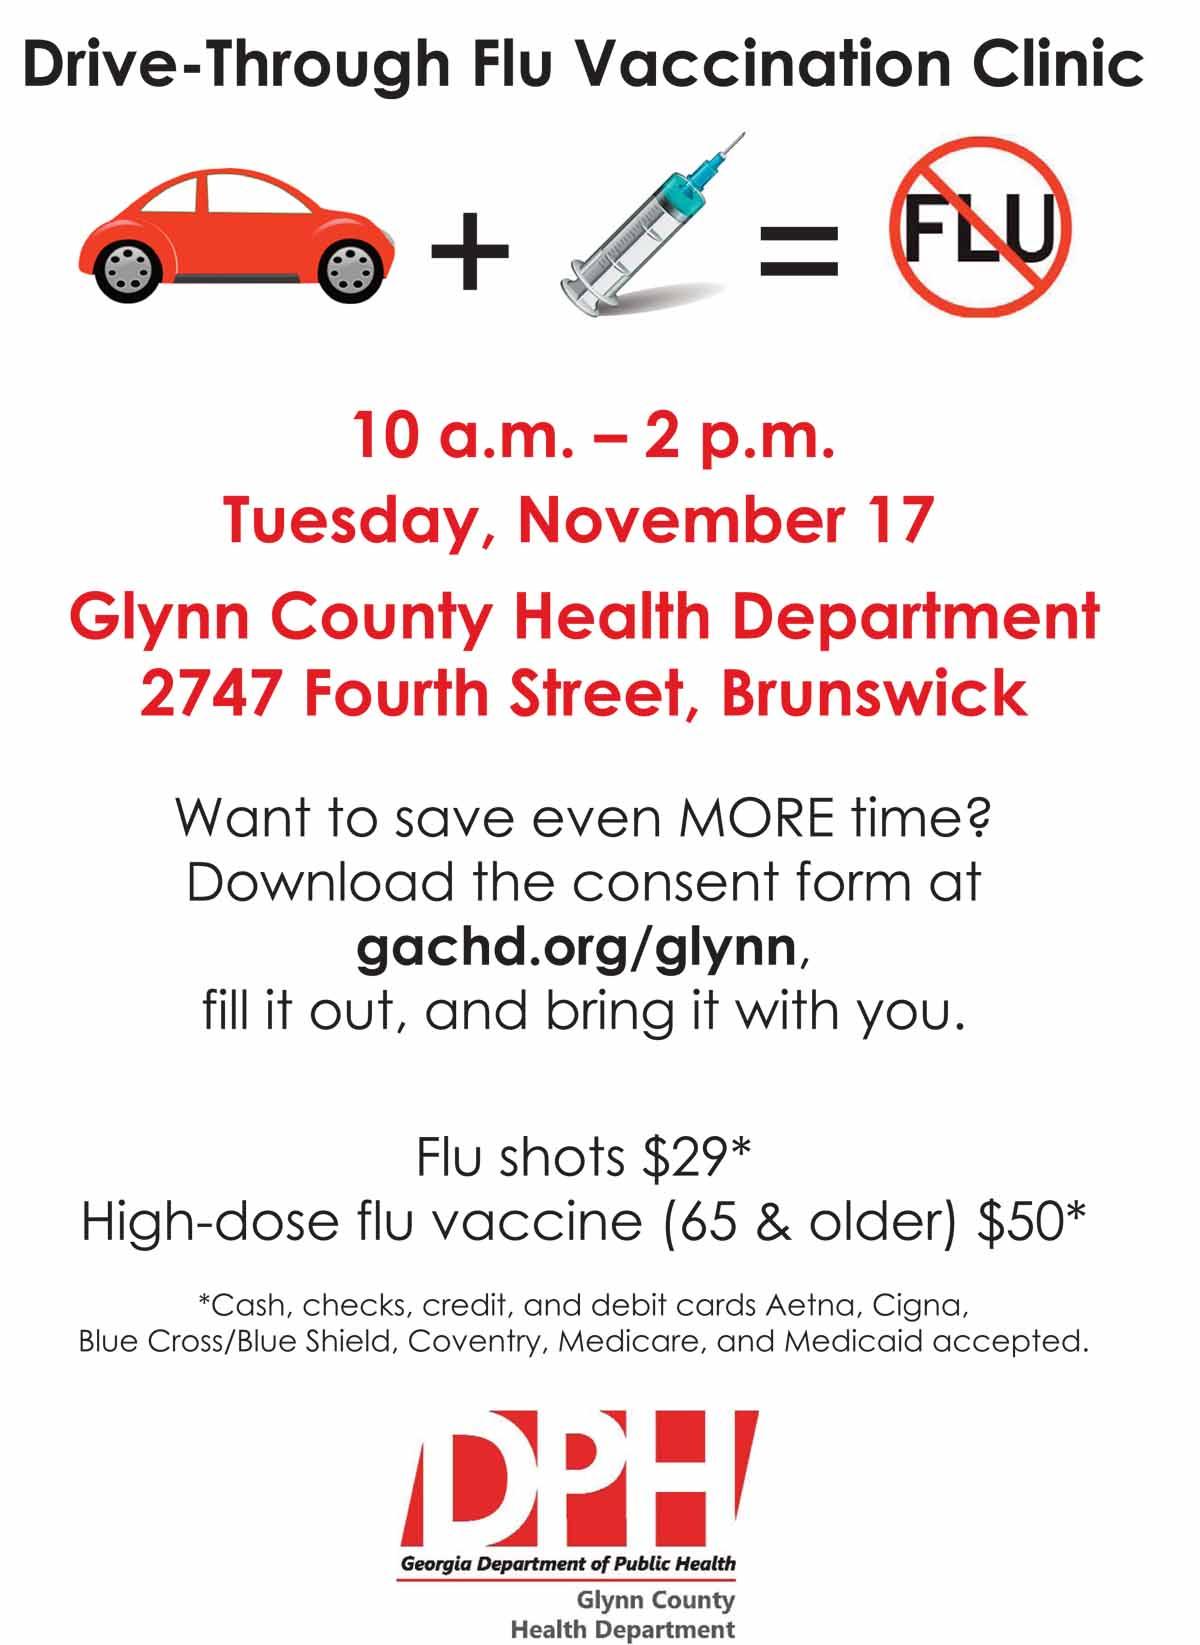 Drive Through Flu Flier 2015 Glynn_Layout 1.qxd